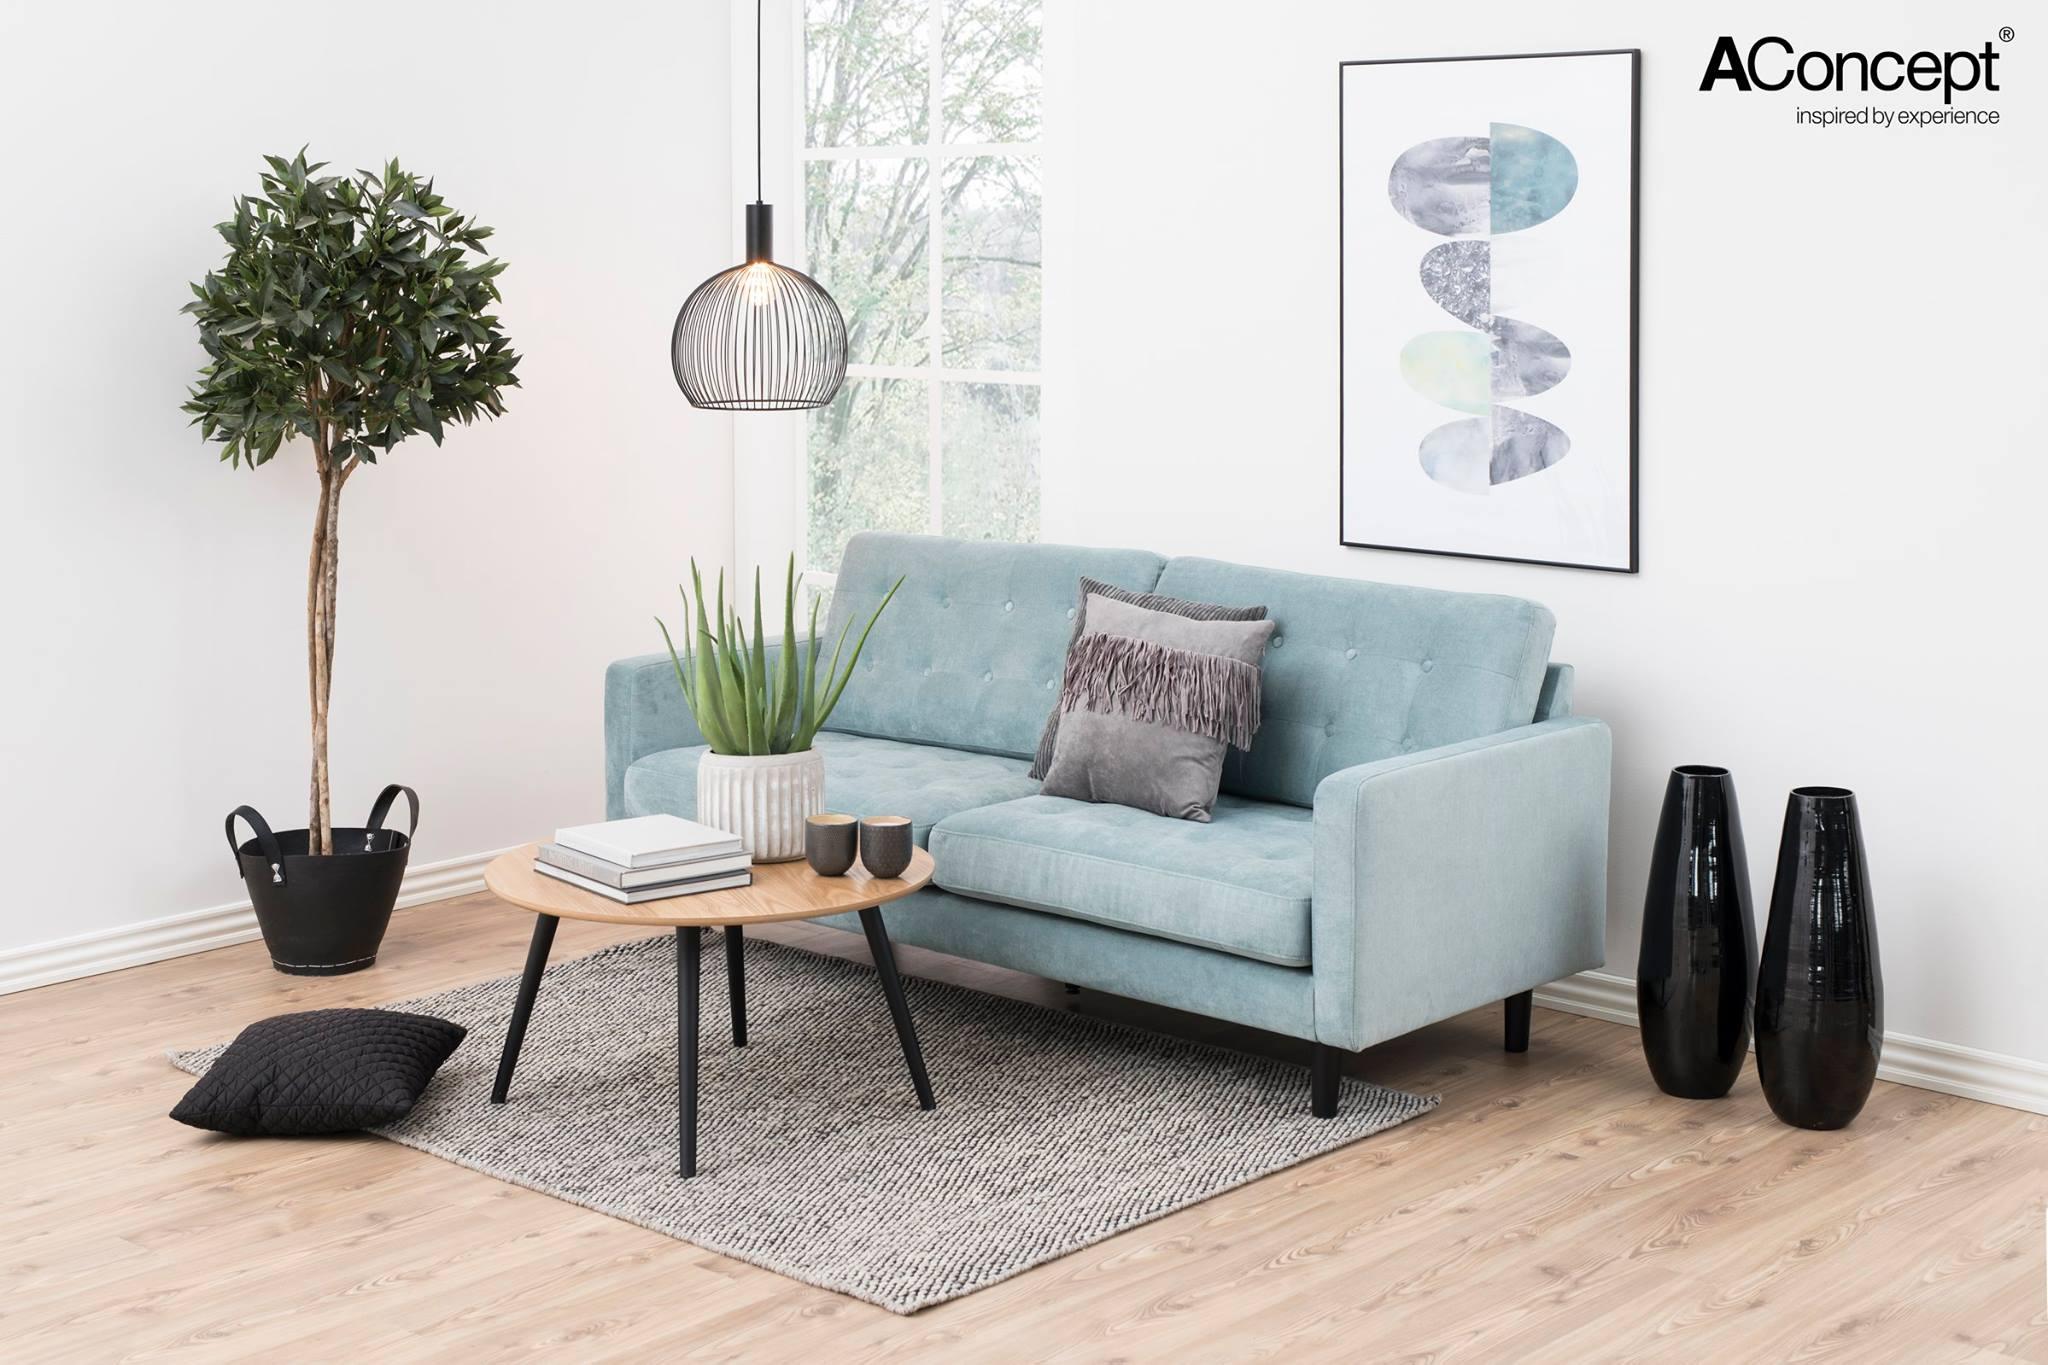 cach lam sach sofa nhung 03 - Cách Làm Sạch Sofa Nhung Với Những Bước Cực Đơn Giản